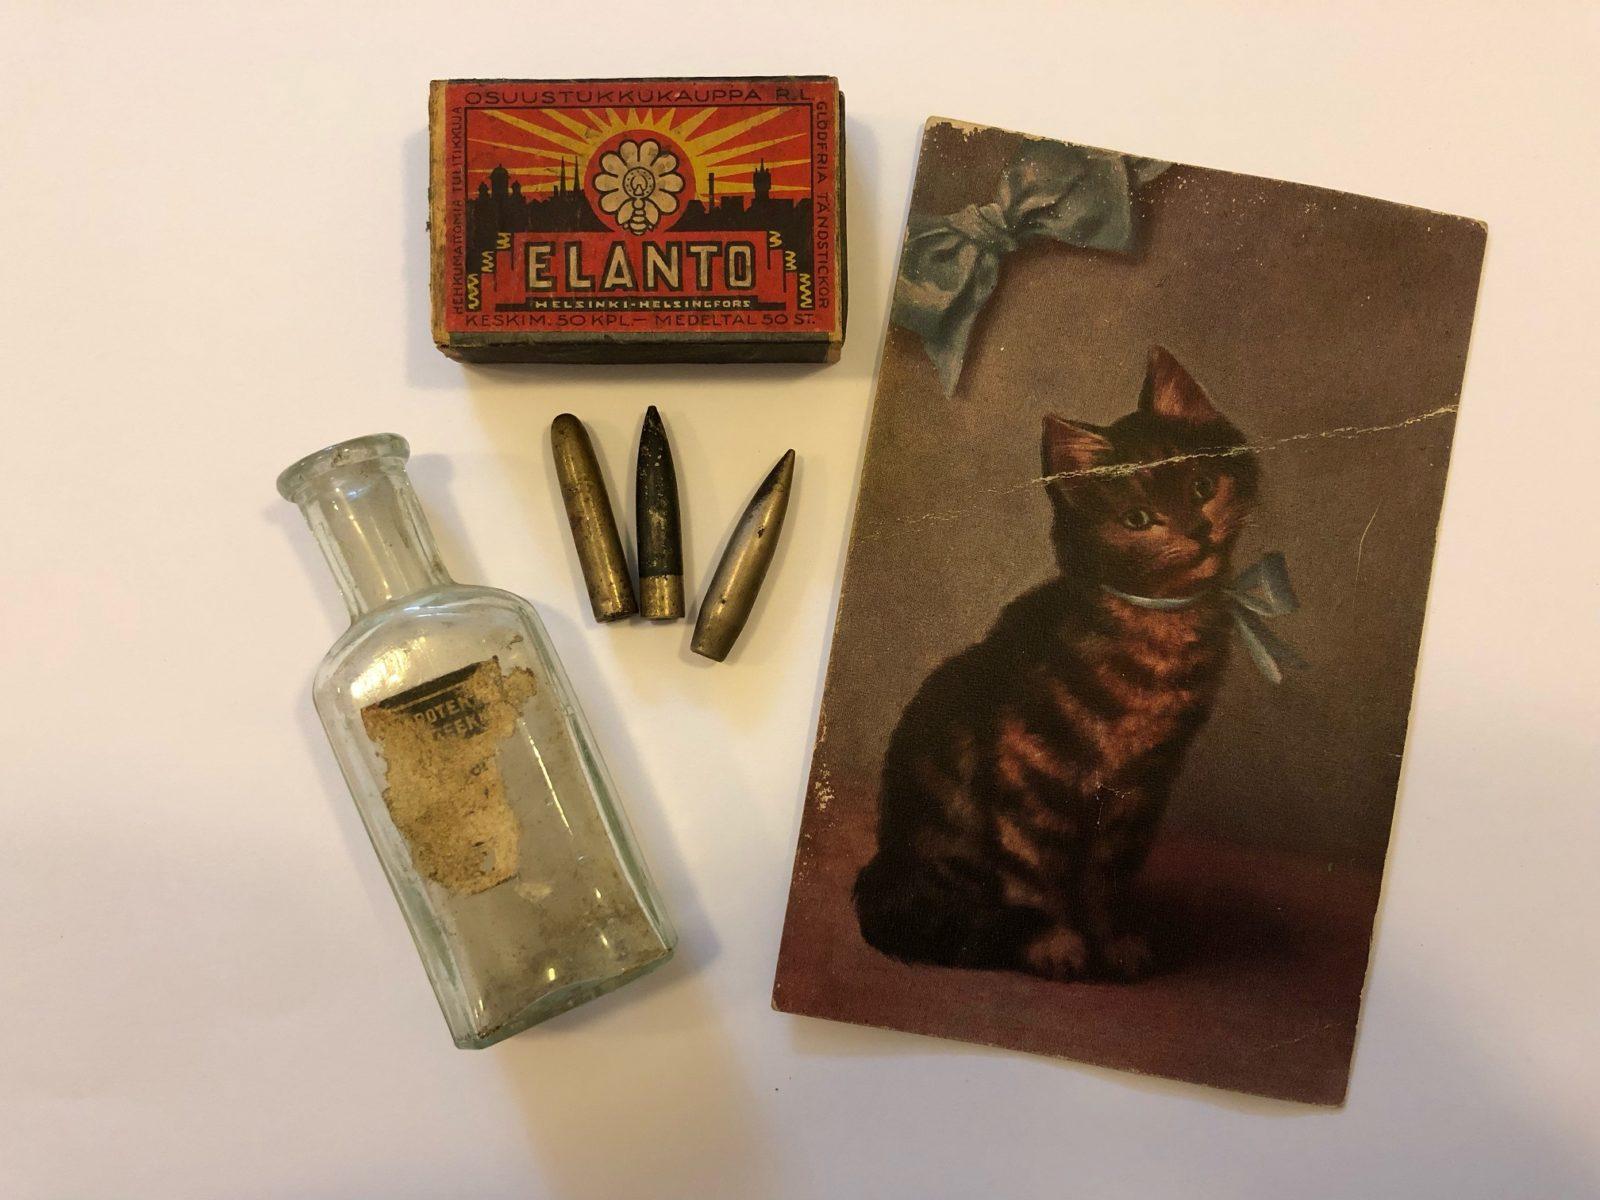 Vanhoja tavaroita: kissakortti, tulitikut, luoteja